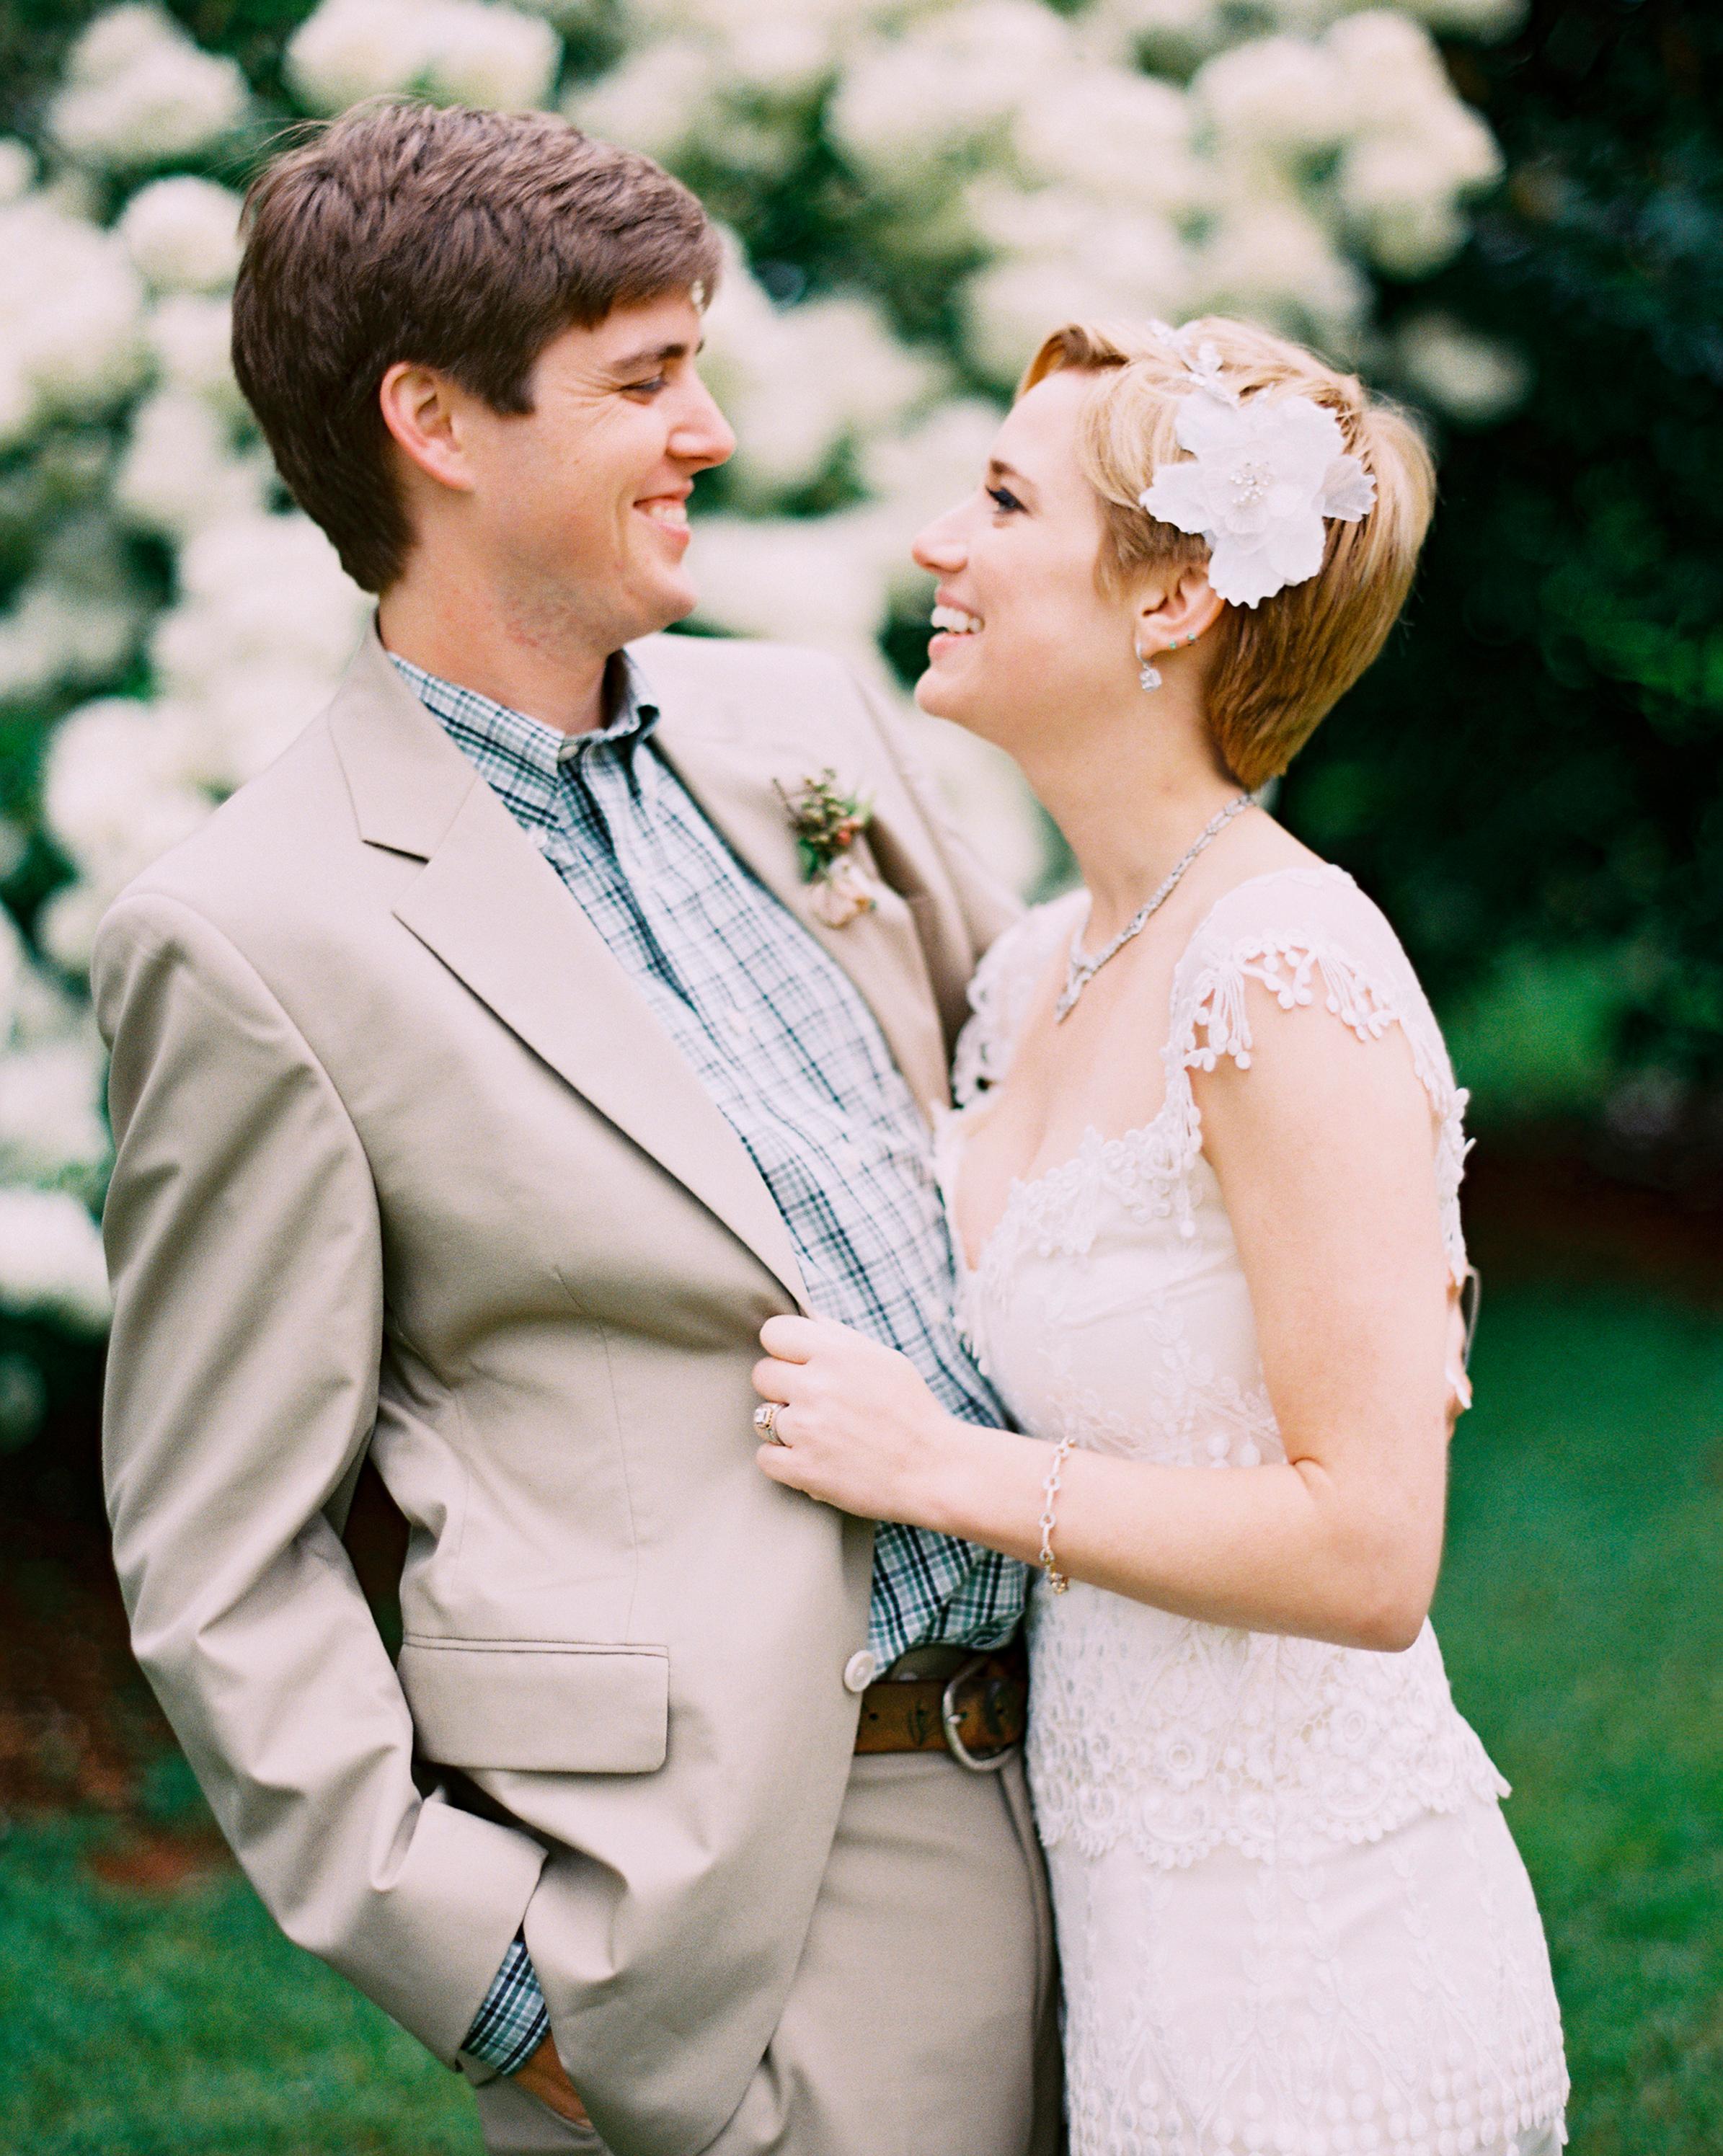 susan-cartter-wedding-couple-008442004-s111503-0914.jpg